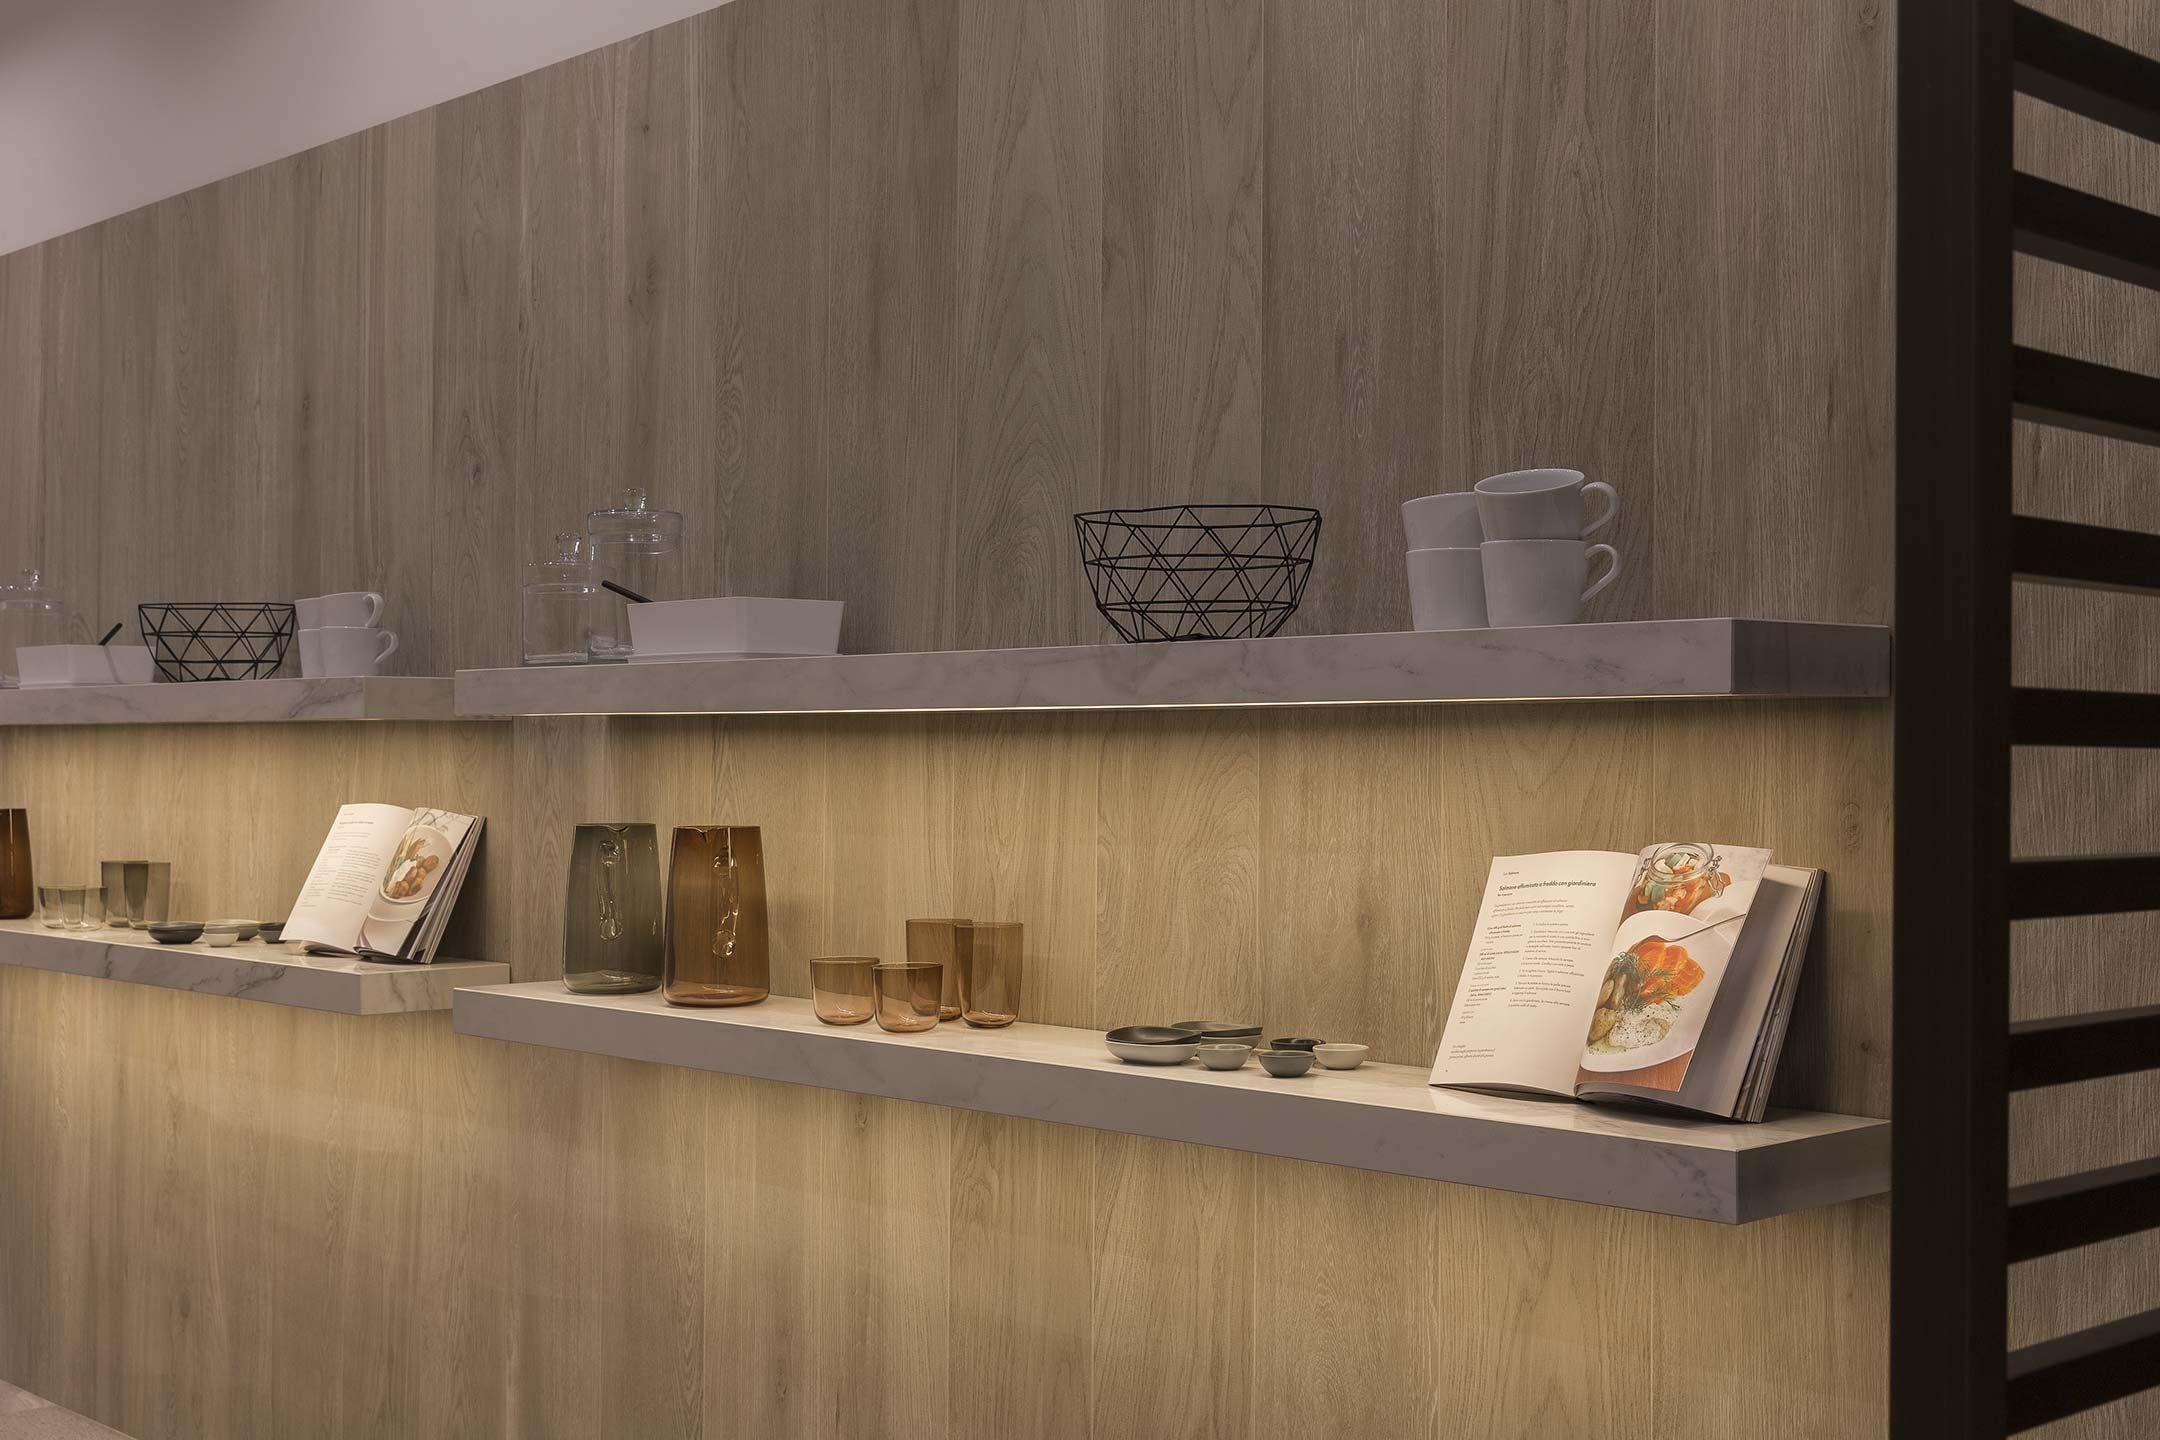 Piastrelle soggiorno ~ Florim gallery piastrelle cucina bagno soggiorno camera